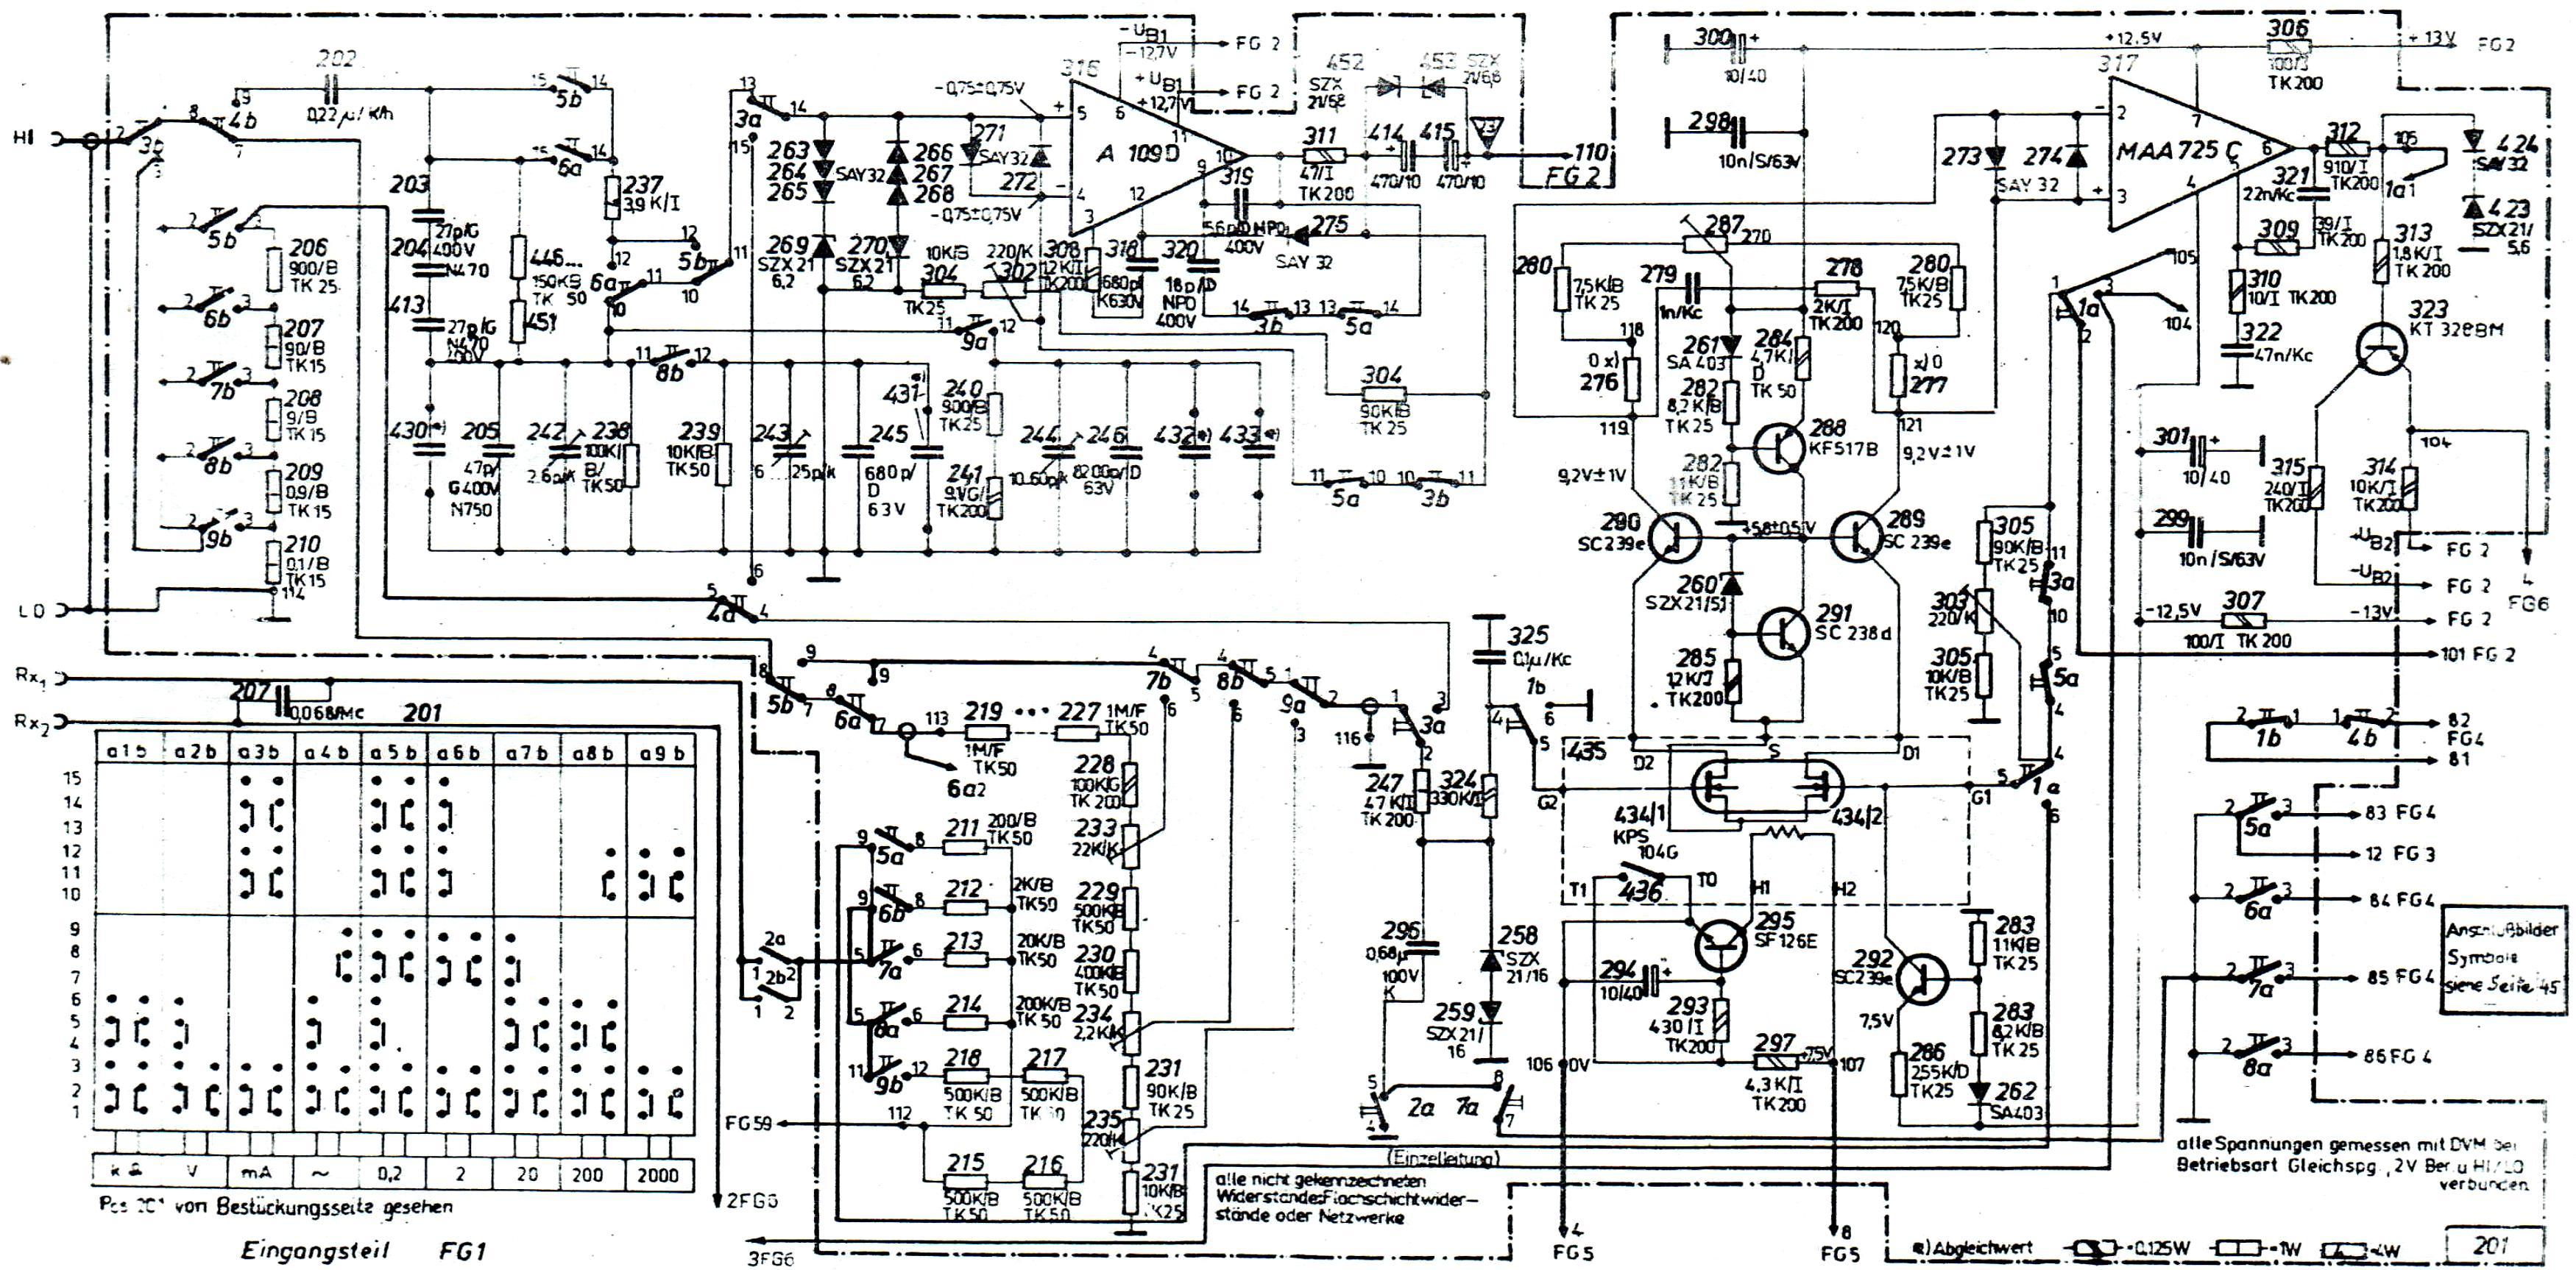 Ausgezeichnet Schaltplan Des Anhängerkupplungssteckers Ideen ...